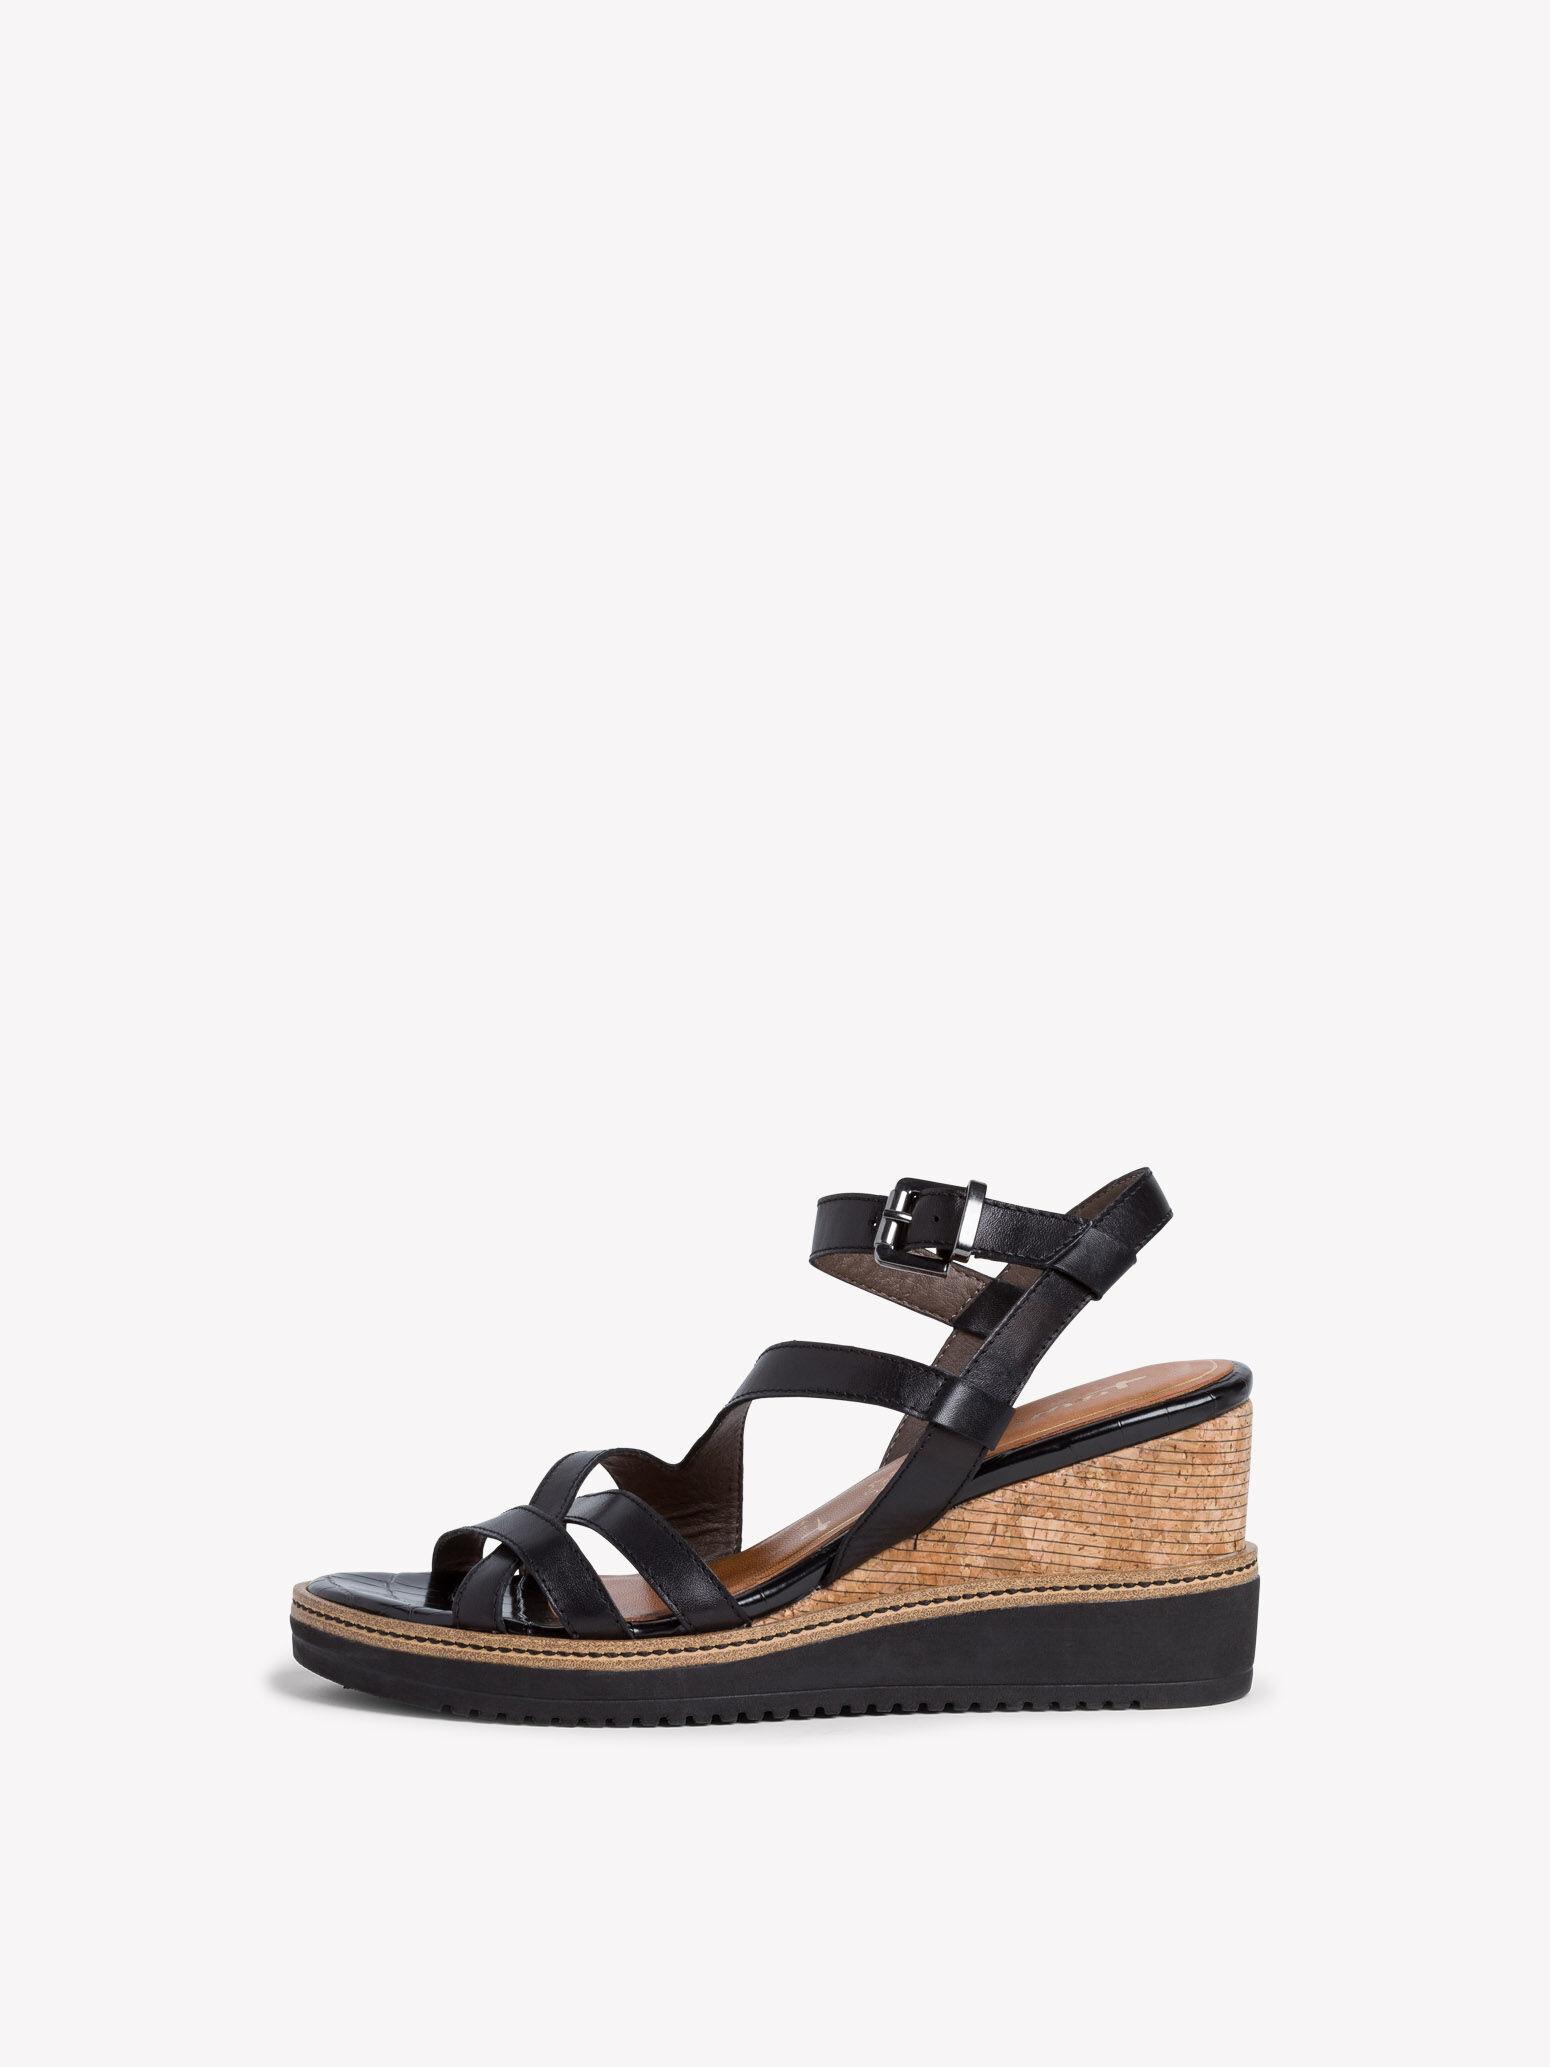 Sandales compensées : achète maintenant en ligne  Tamaris